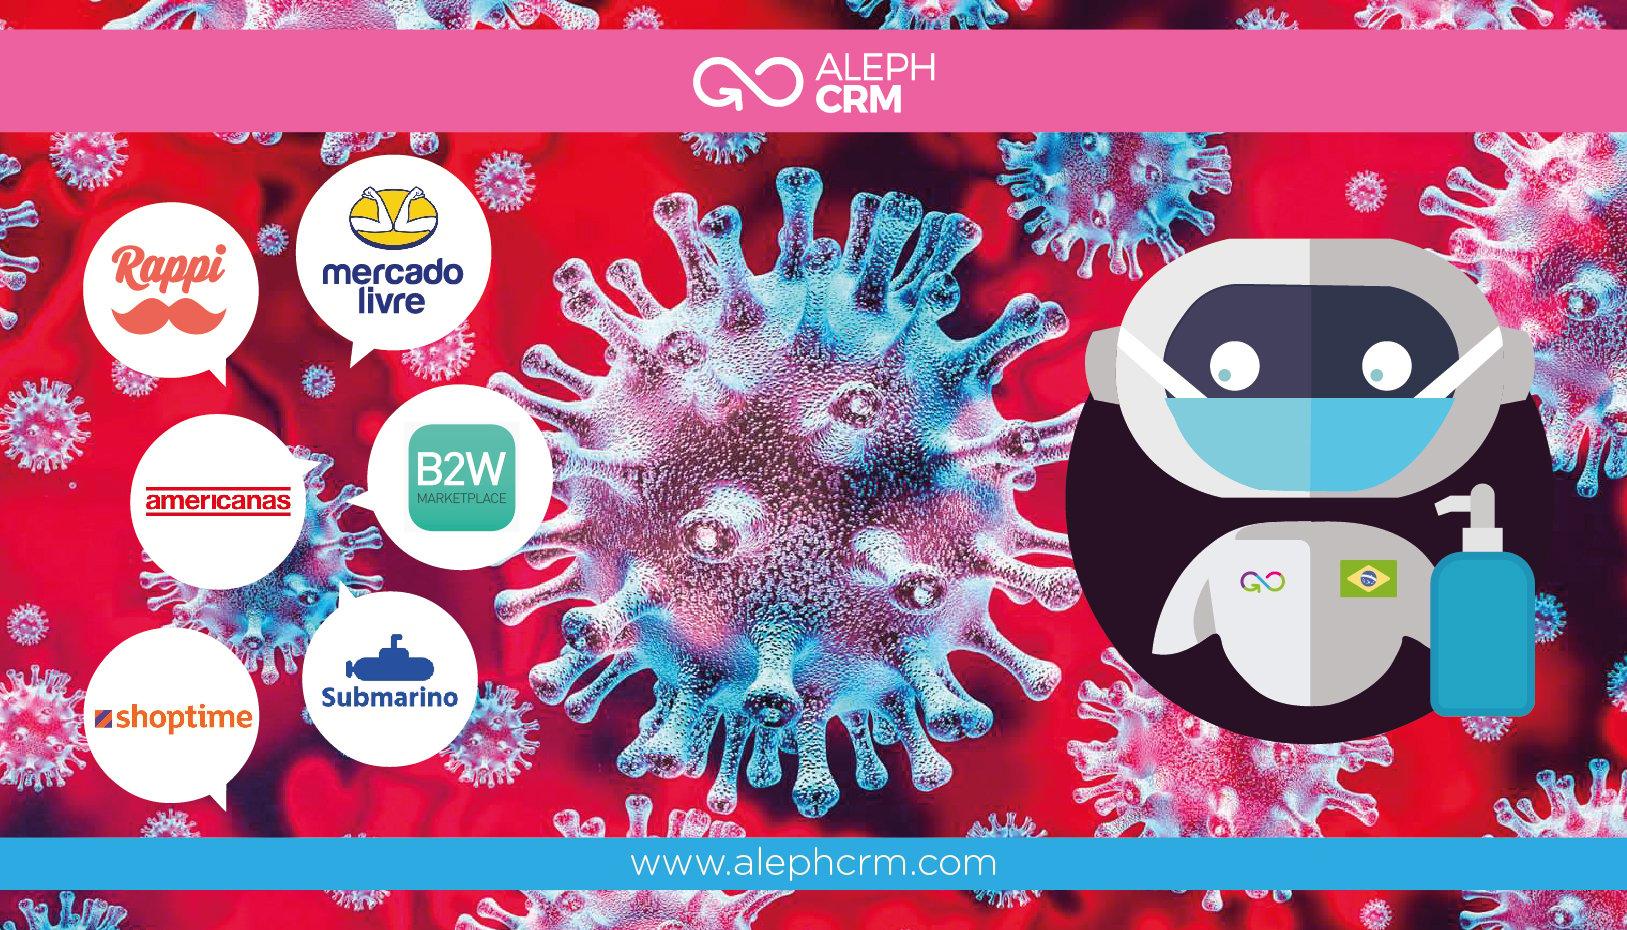 Coronavírus, a pandemia que acelerará a transformação digital